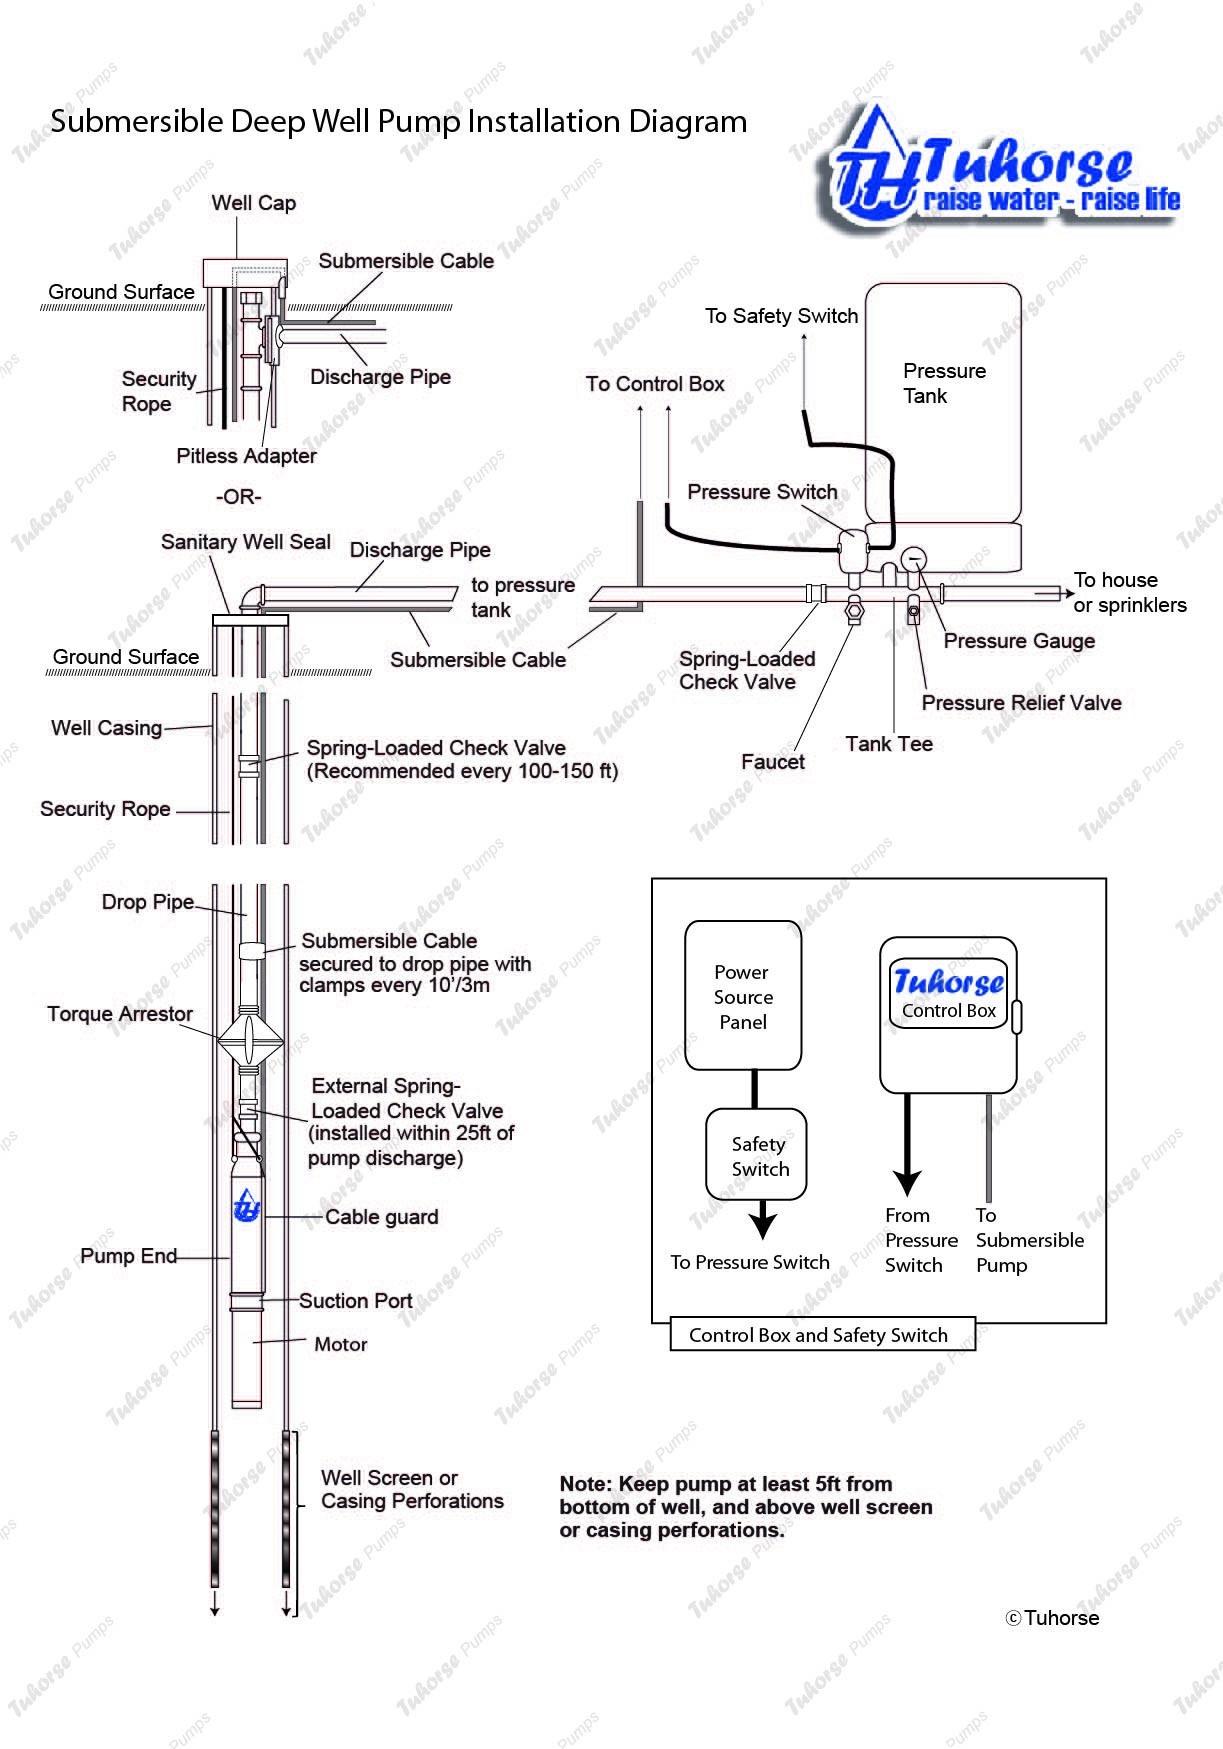 jet pump pressure switch wiring diagram - wiring diagram for water pump  pressure switch refrence wiring